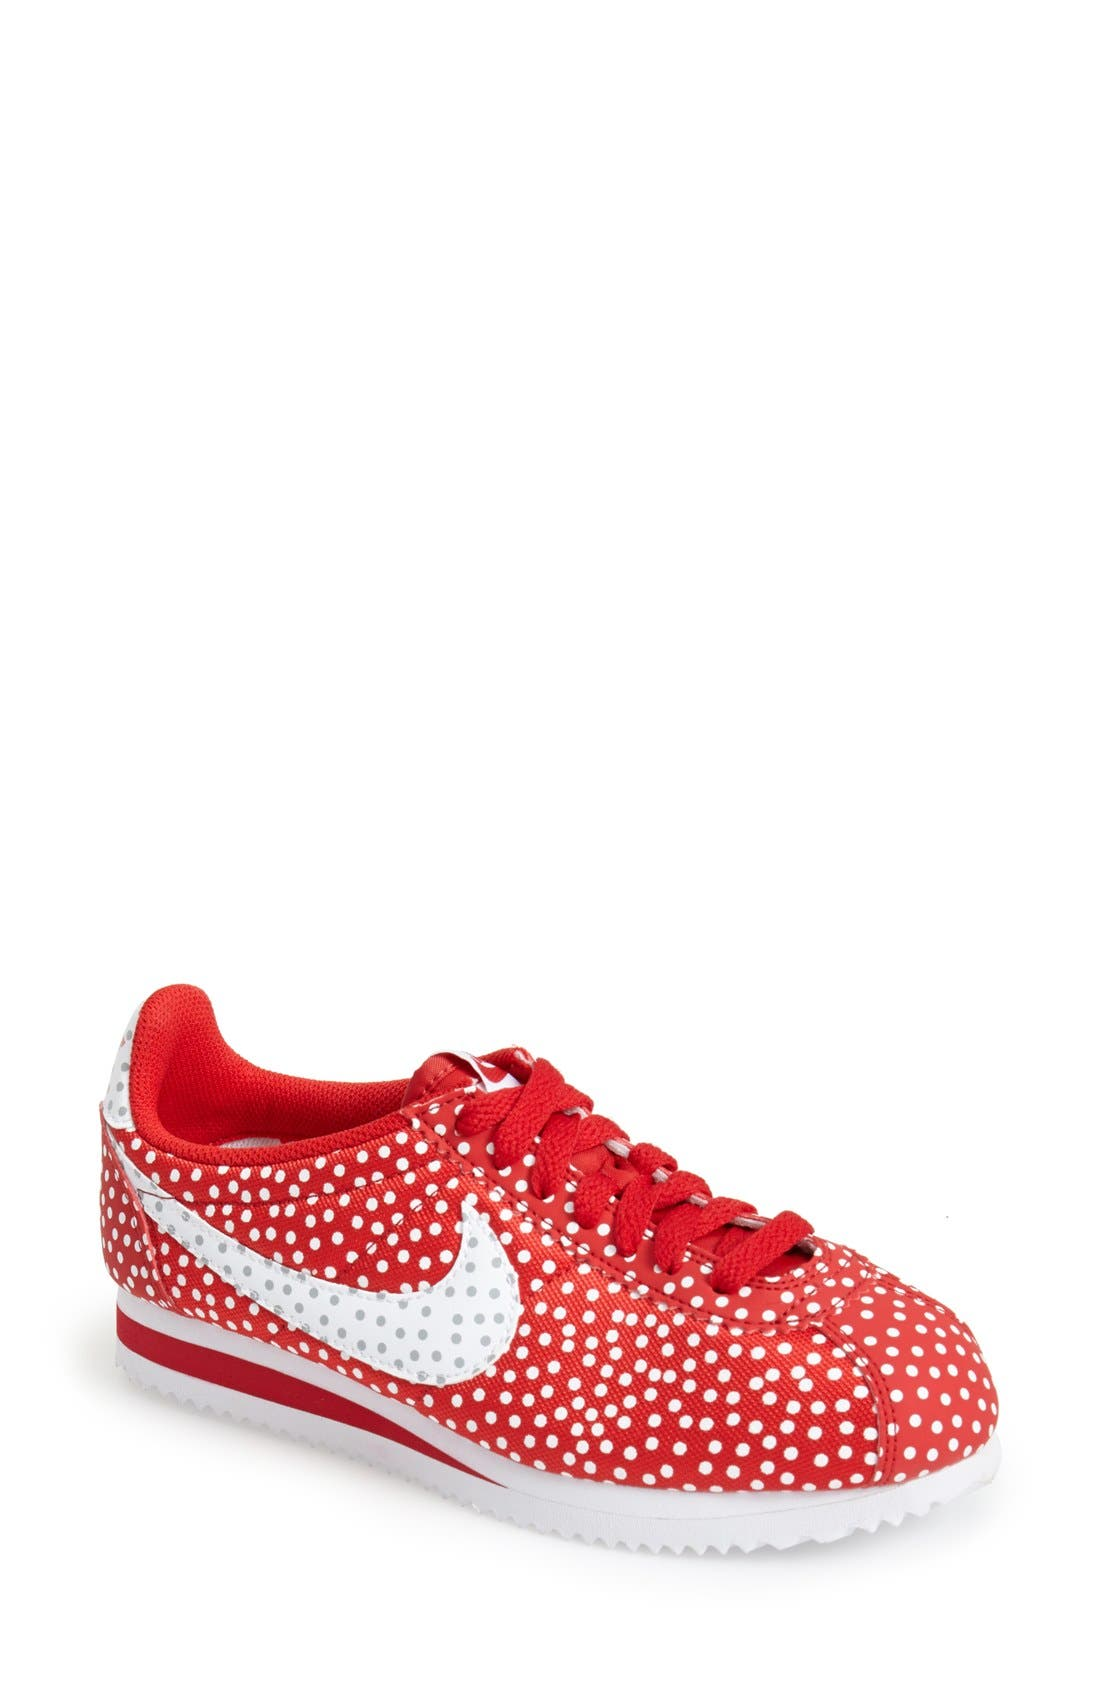 Main Image - Nike 'Cortez - Polka Dot Print' Sneaker (Women)